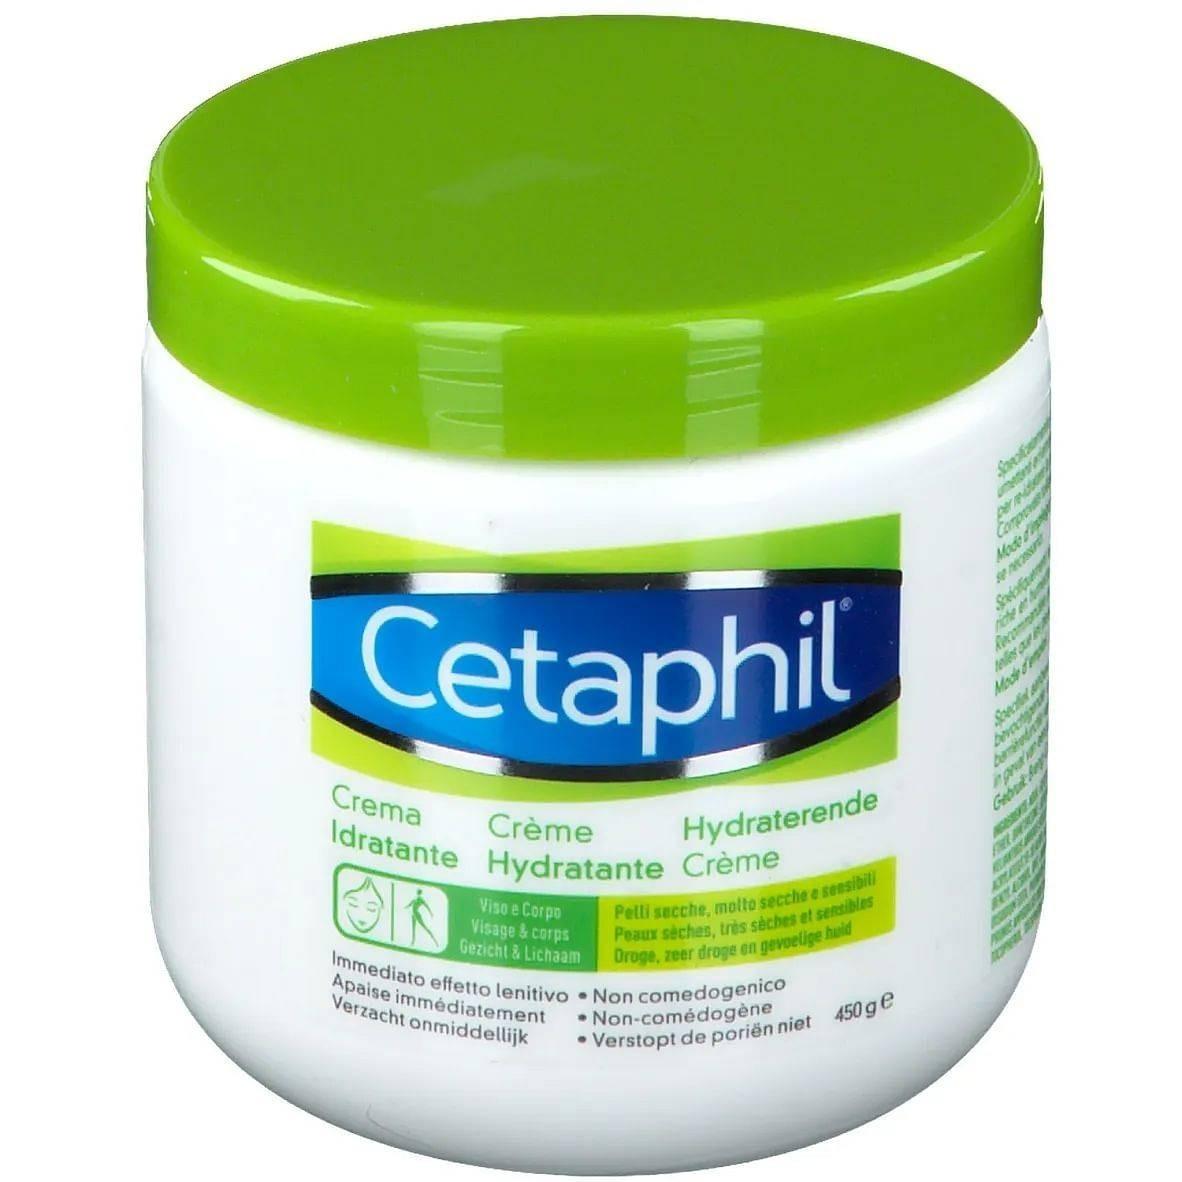 Cetaphil Crema Idratante 450 g